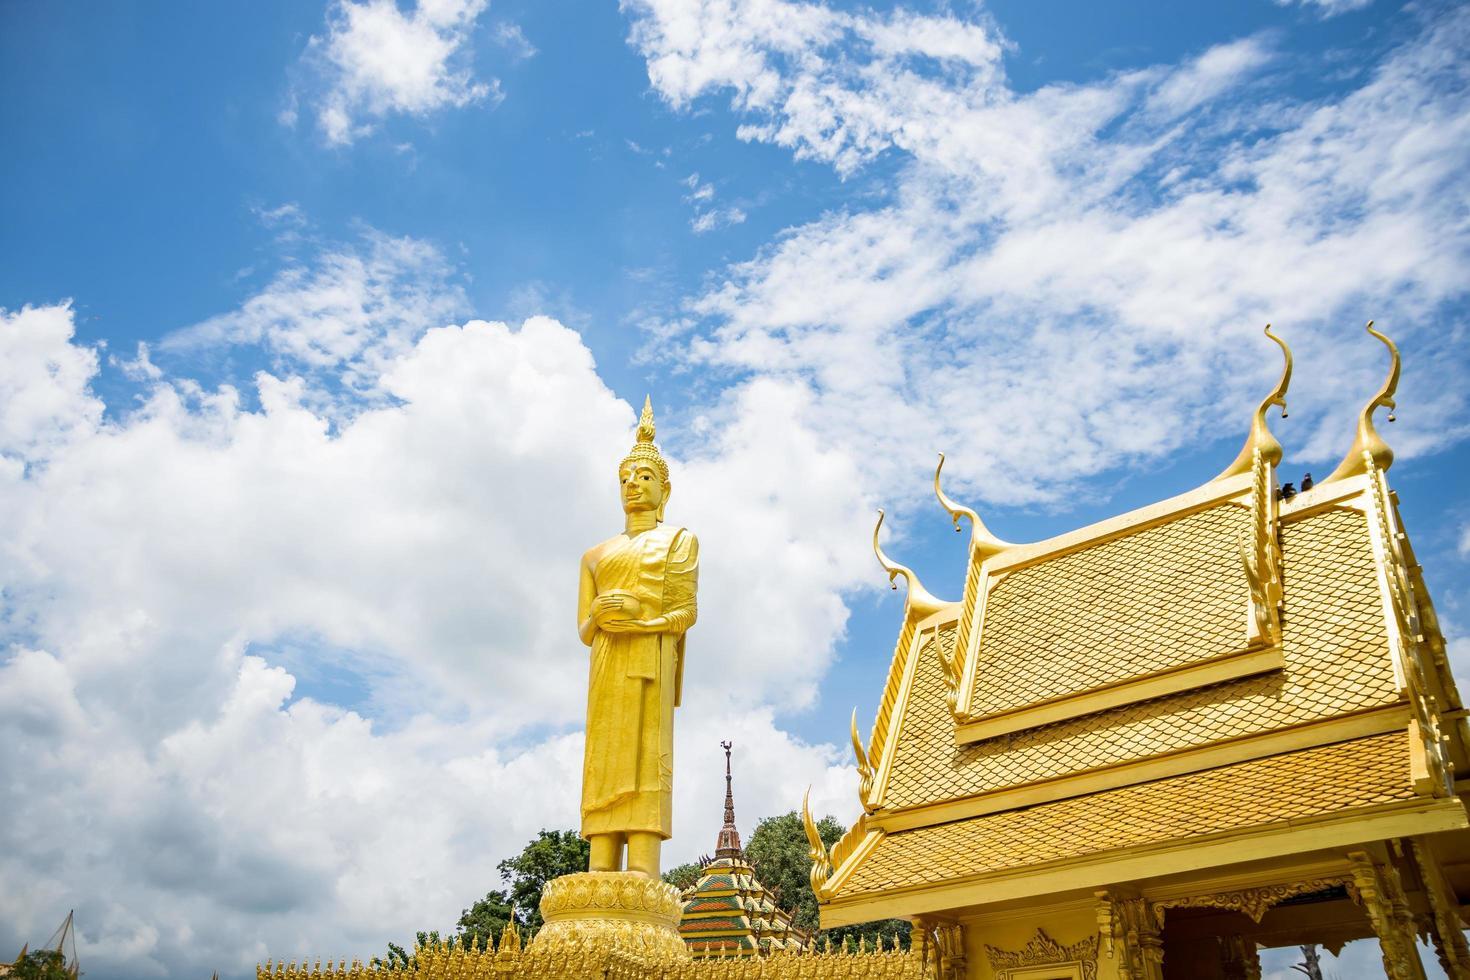 der goldene tempel von wat paknam jolo, thailand foto